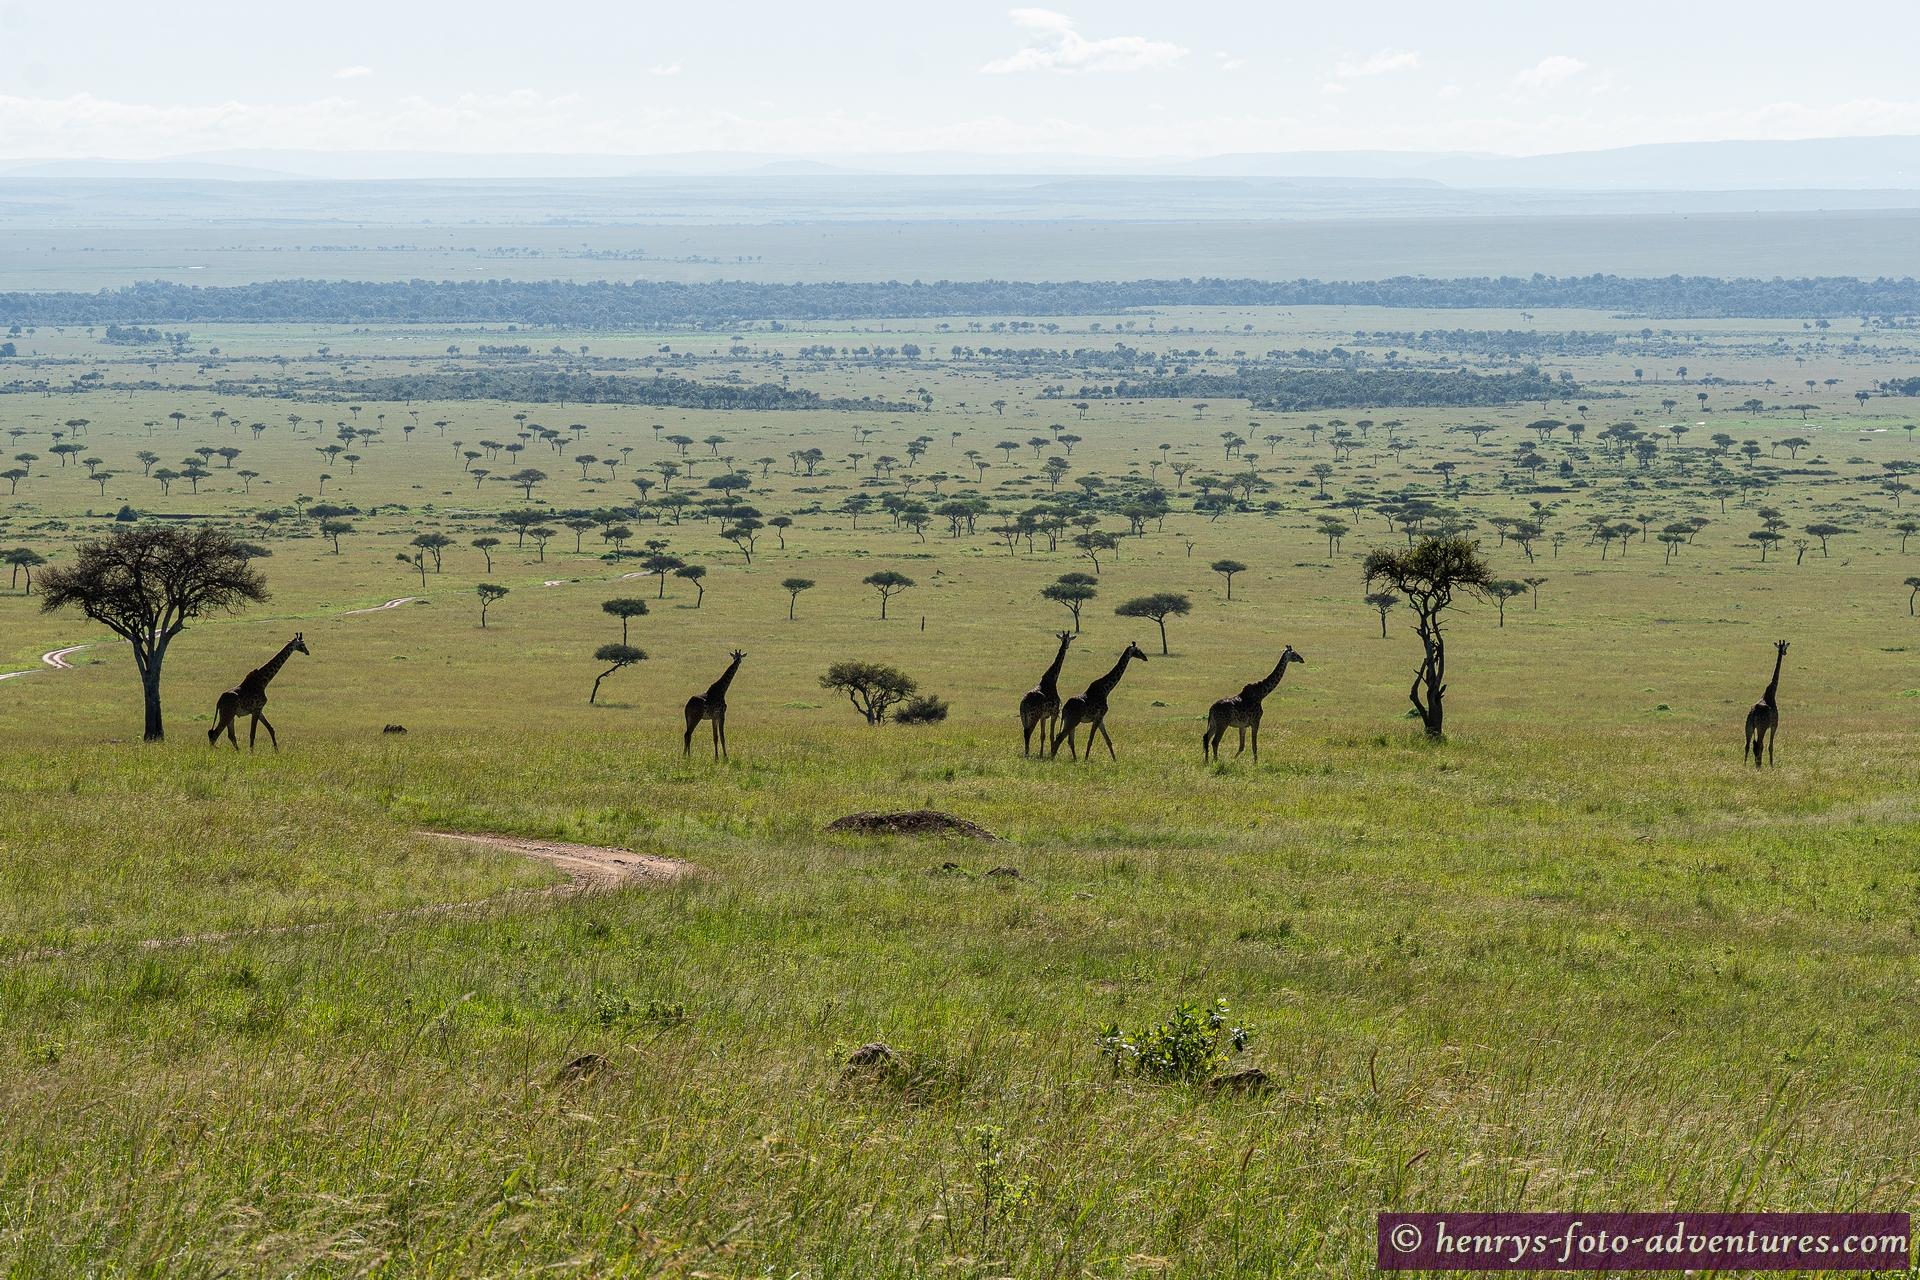 da unten ist anscheinend ein Treffen der Giraffen